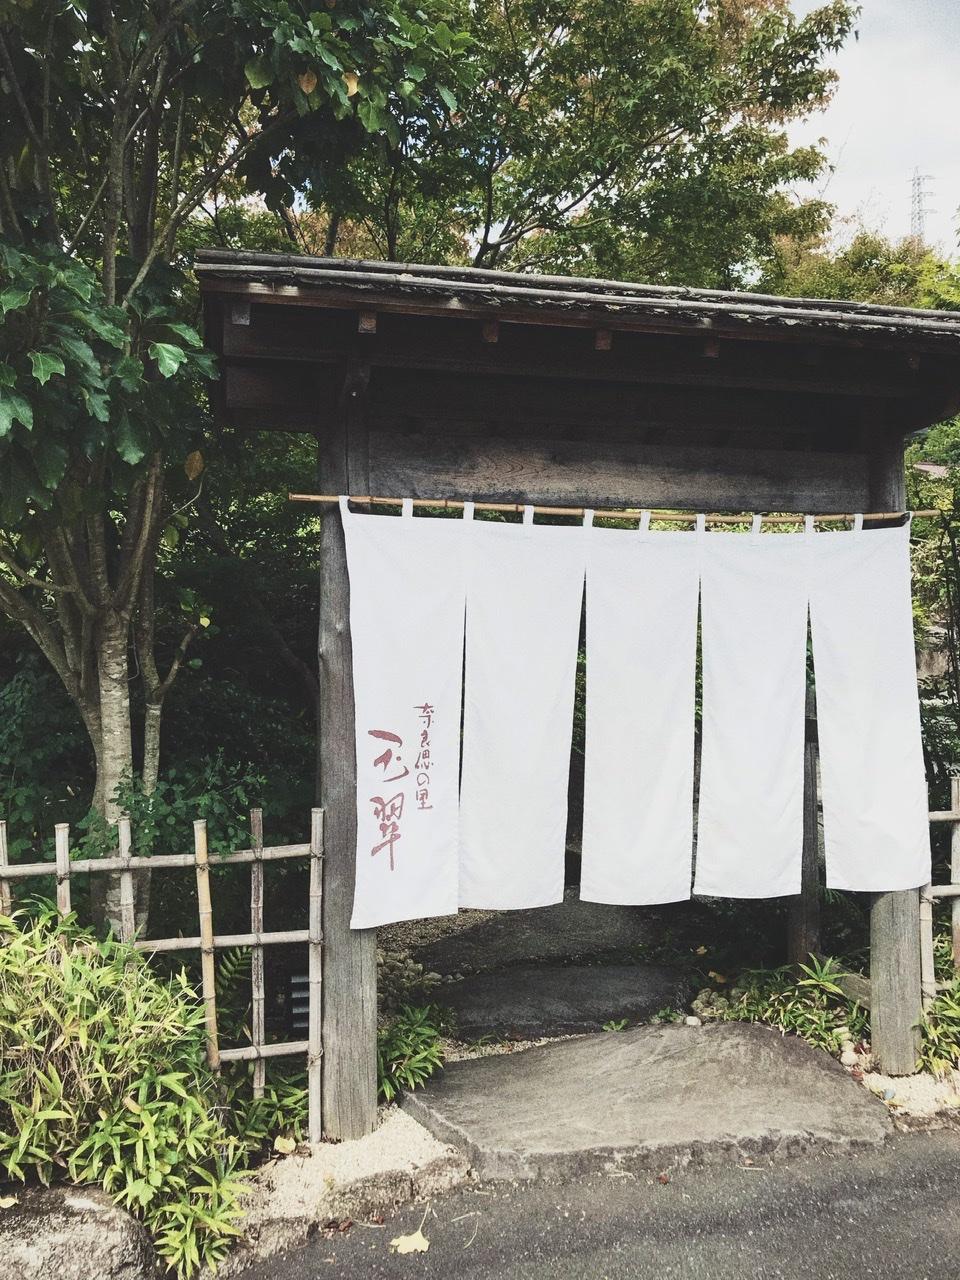 【女子旅におすすめ】わずか16部屋しかない伊豆の湯宿・玉翠のプライベート空間で満喫_1